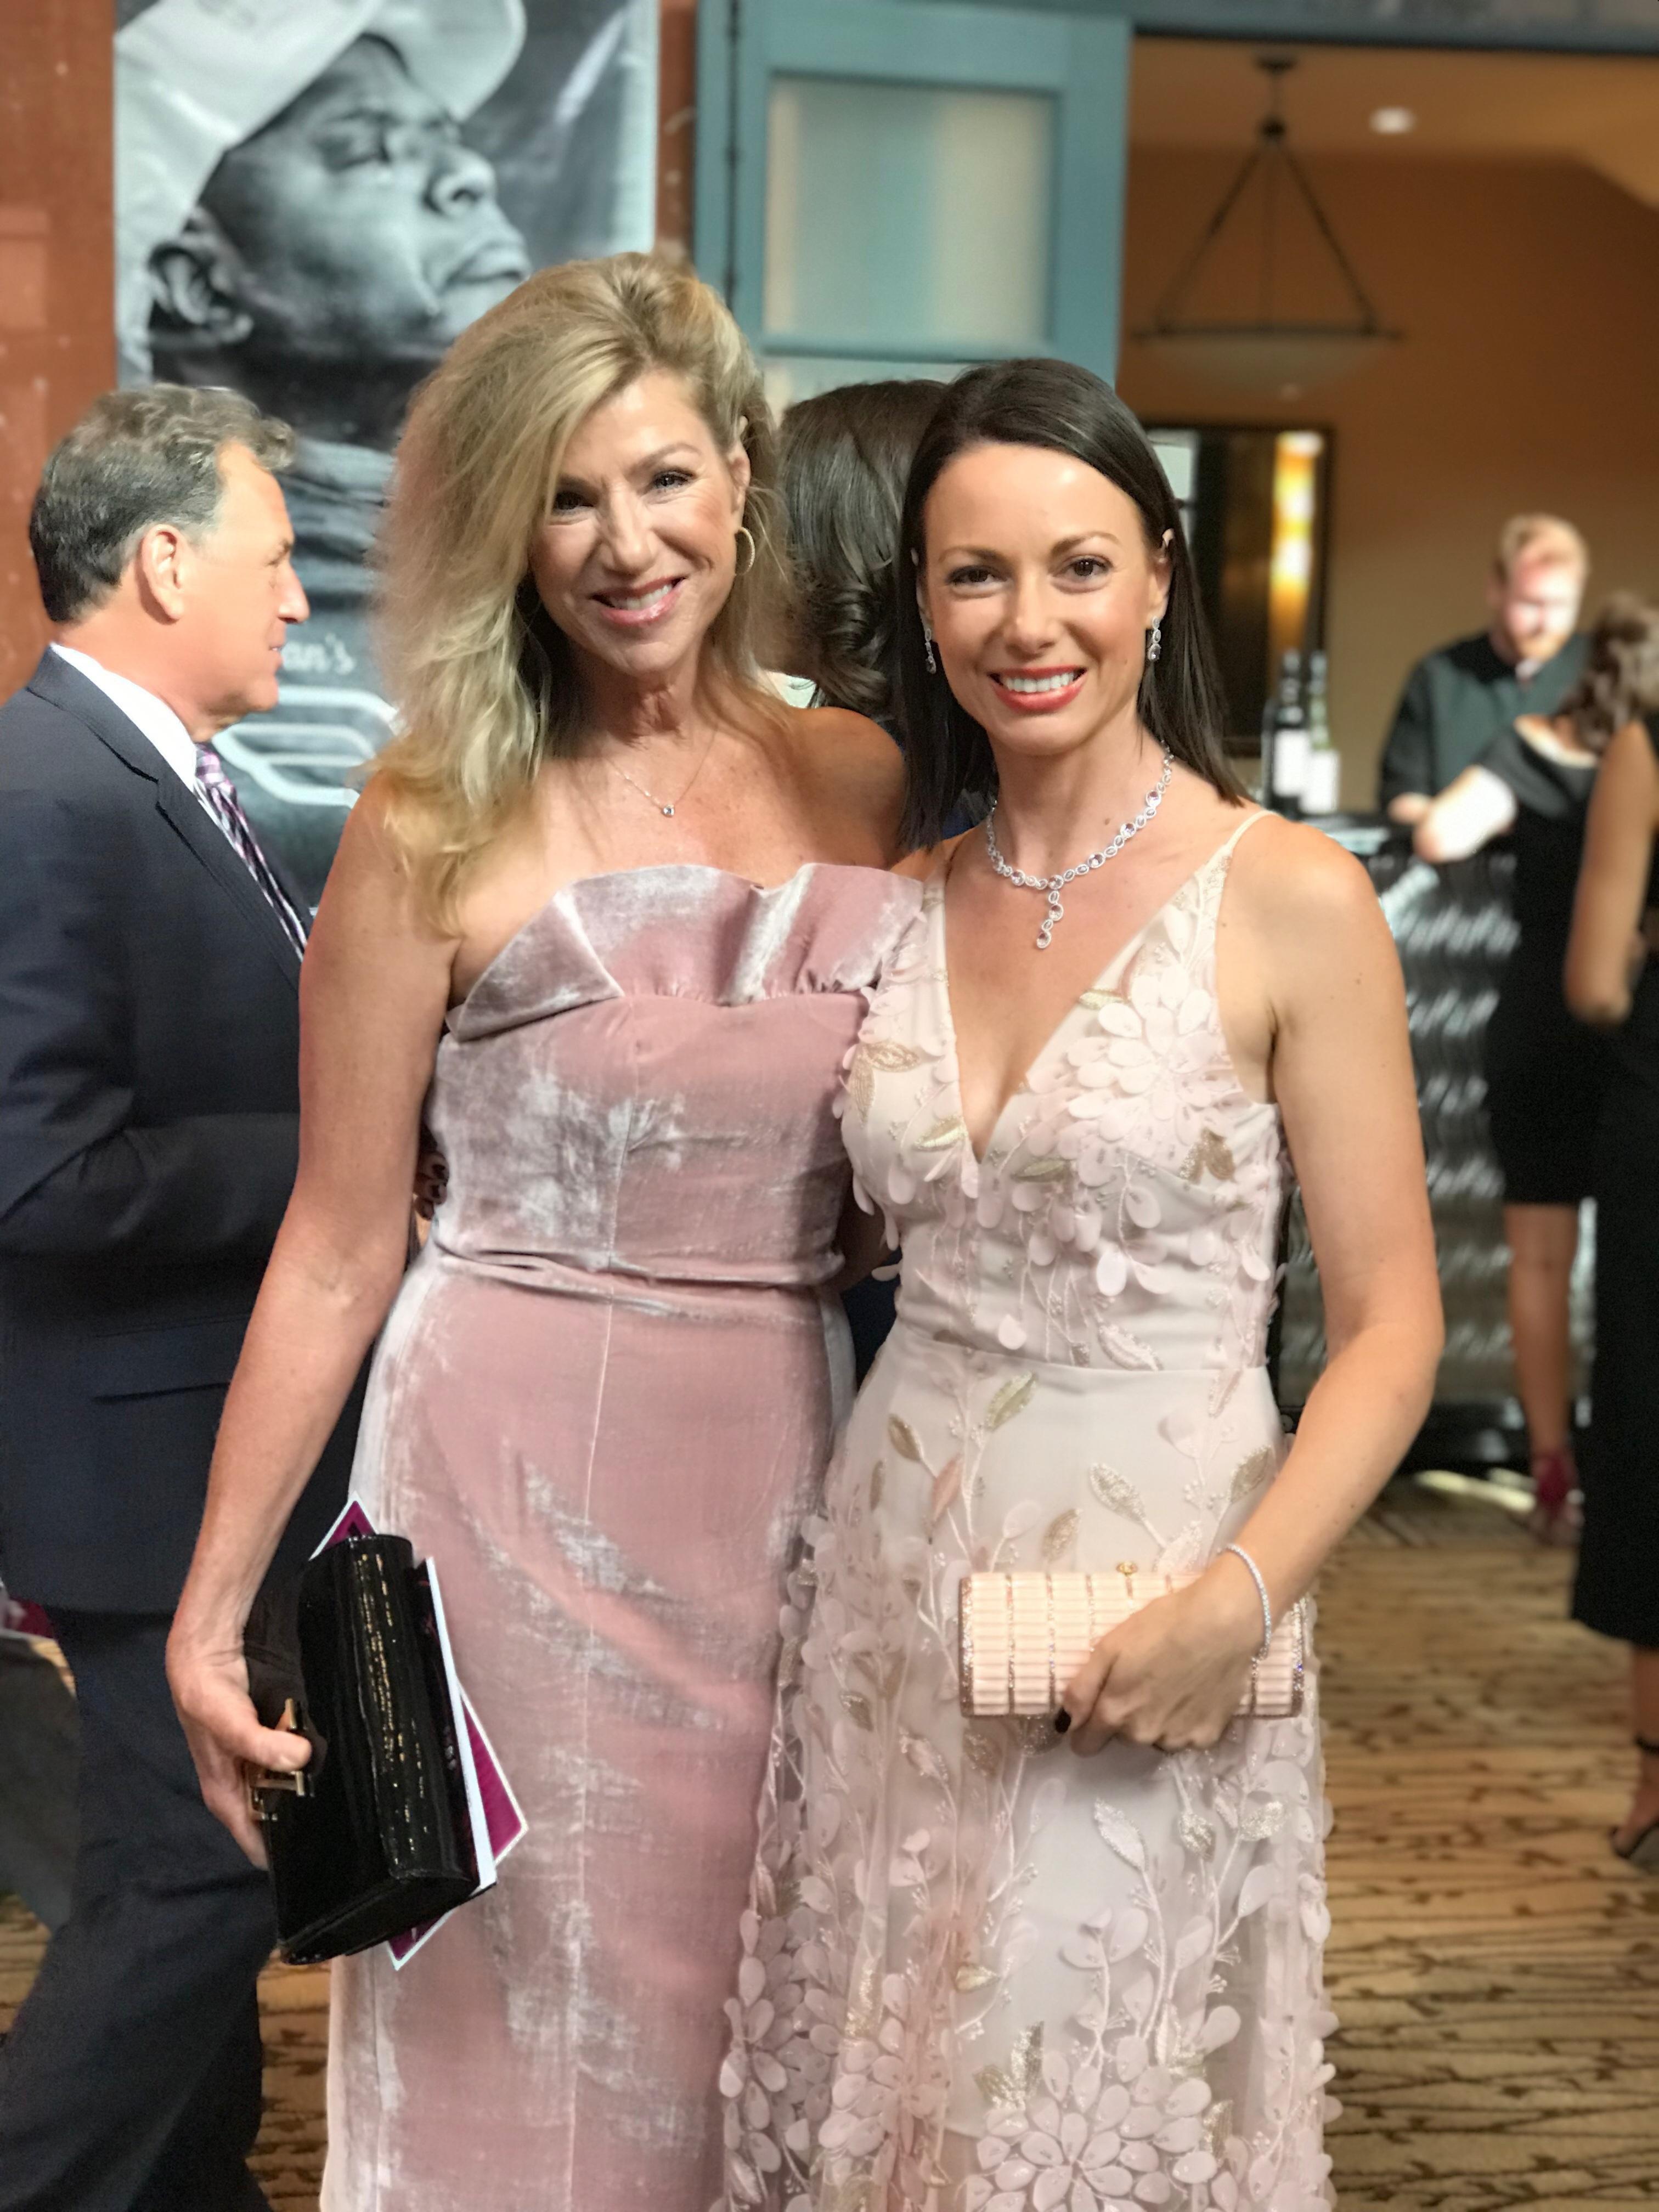 Kristy Pieper & Eliza Friedman